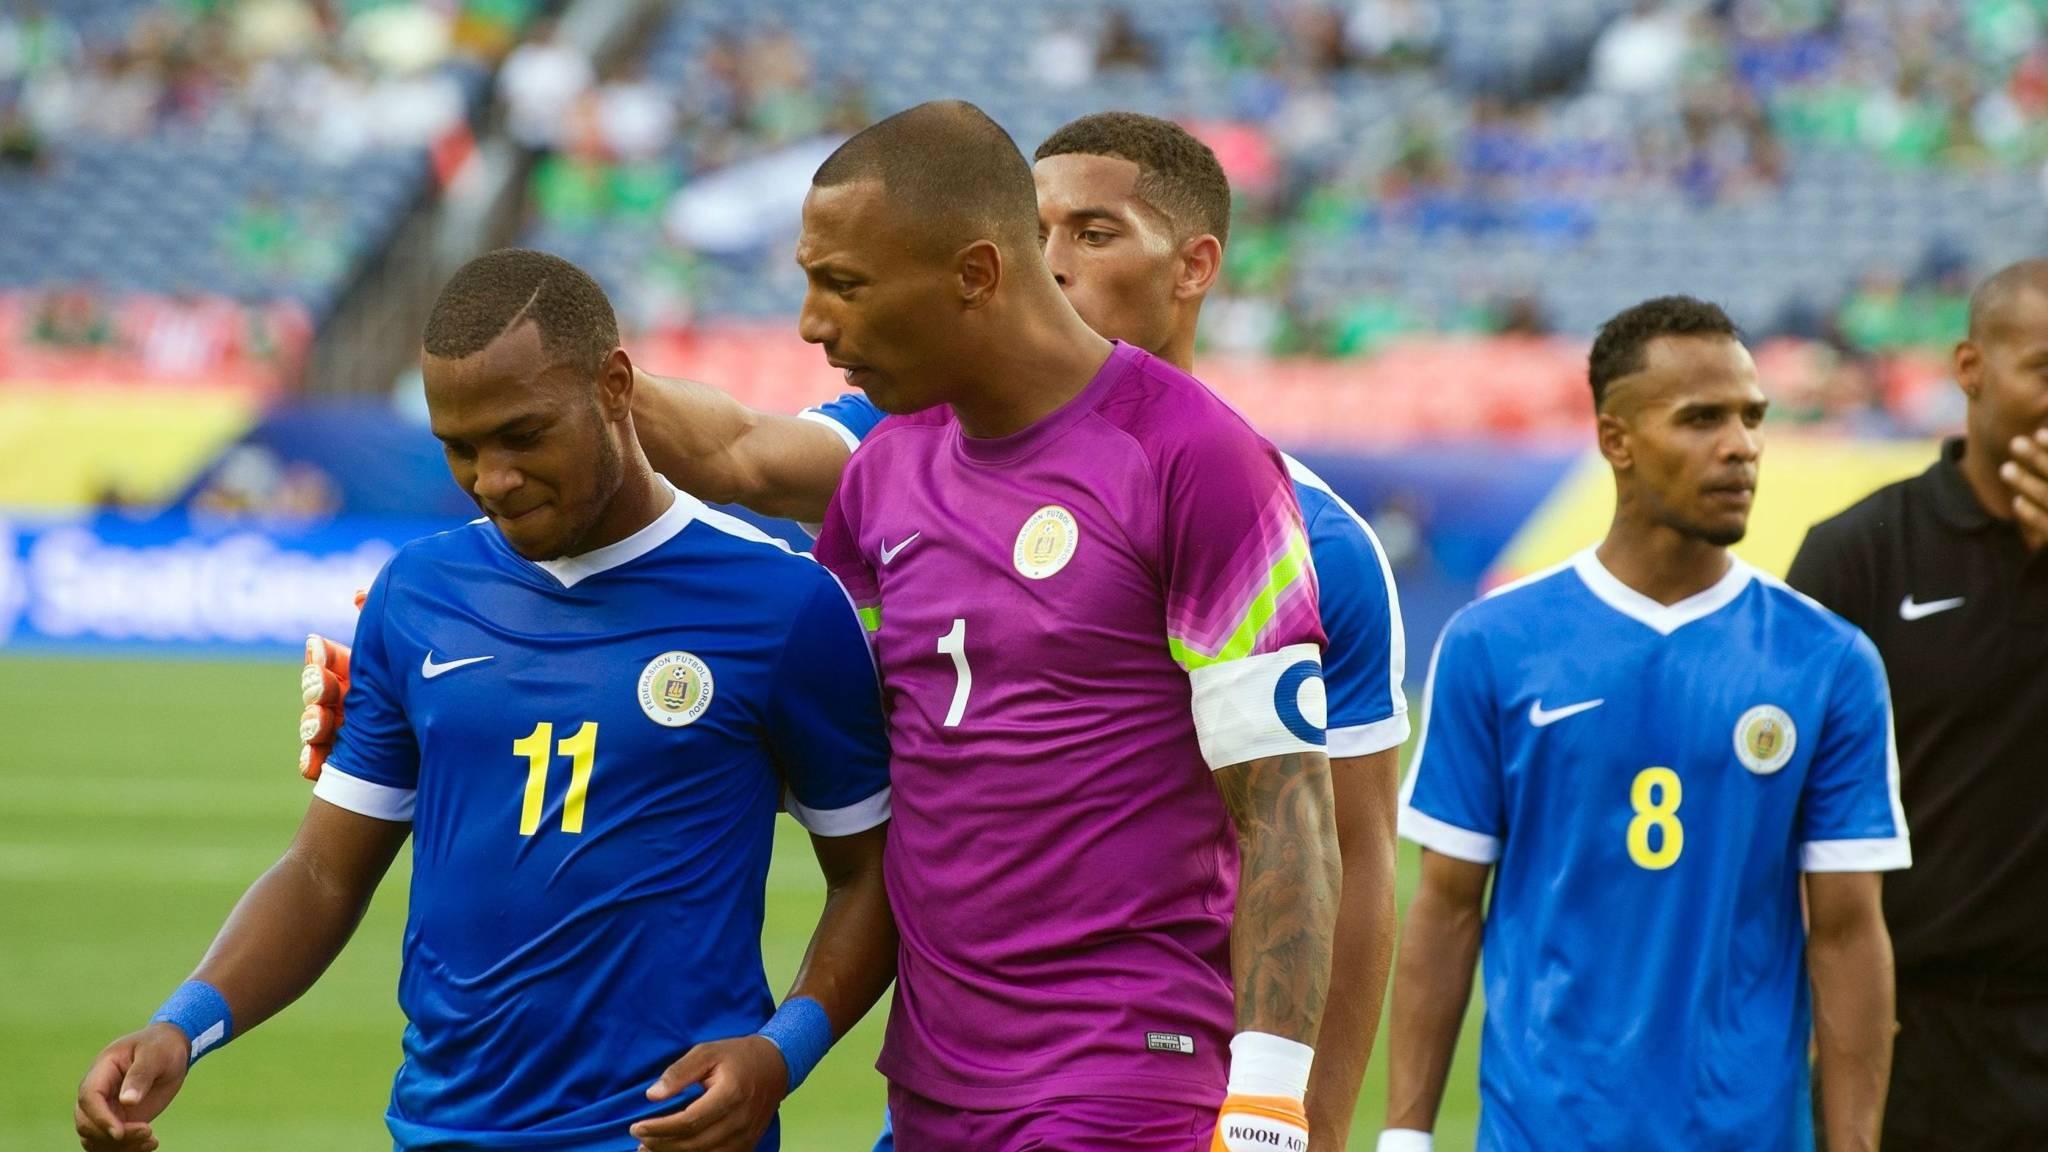 Afbeeldingsresultaat voor voetbalteam curacao gold cup